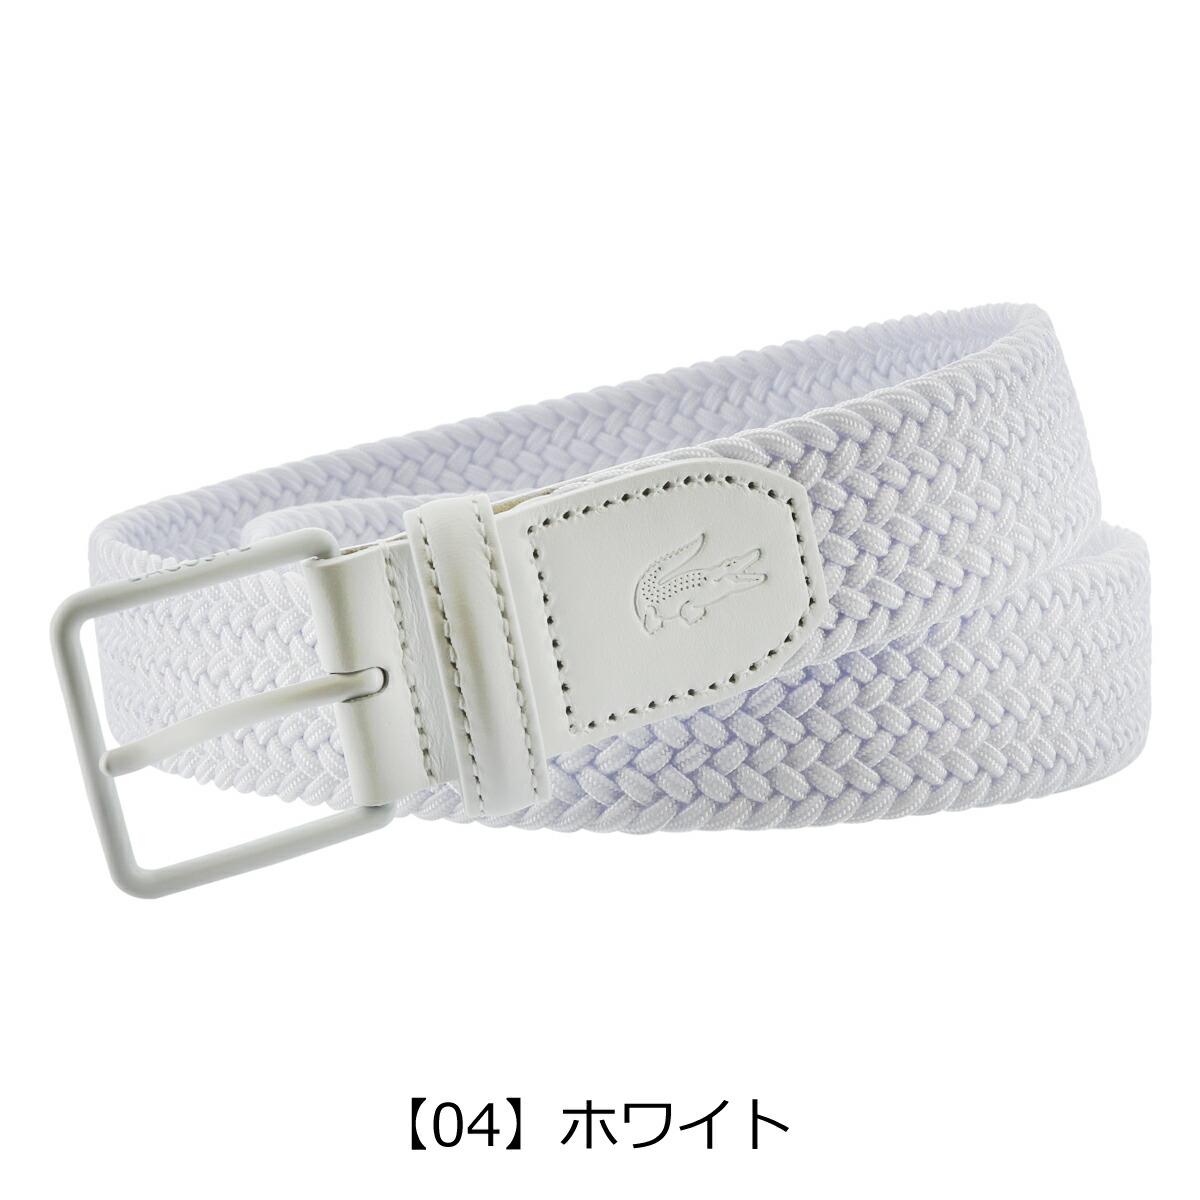 【04】ホワイト(シロ)